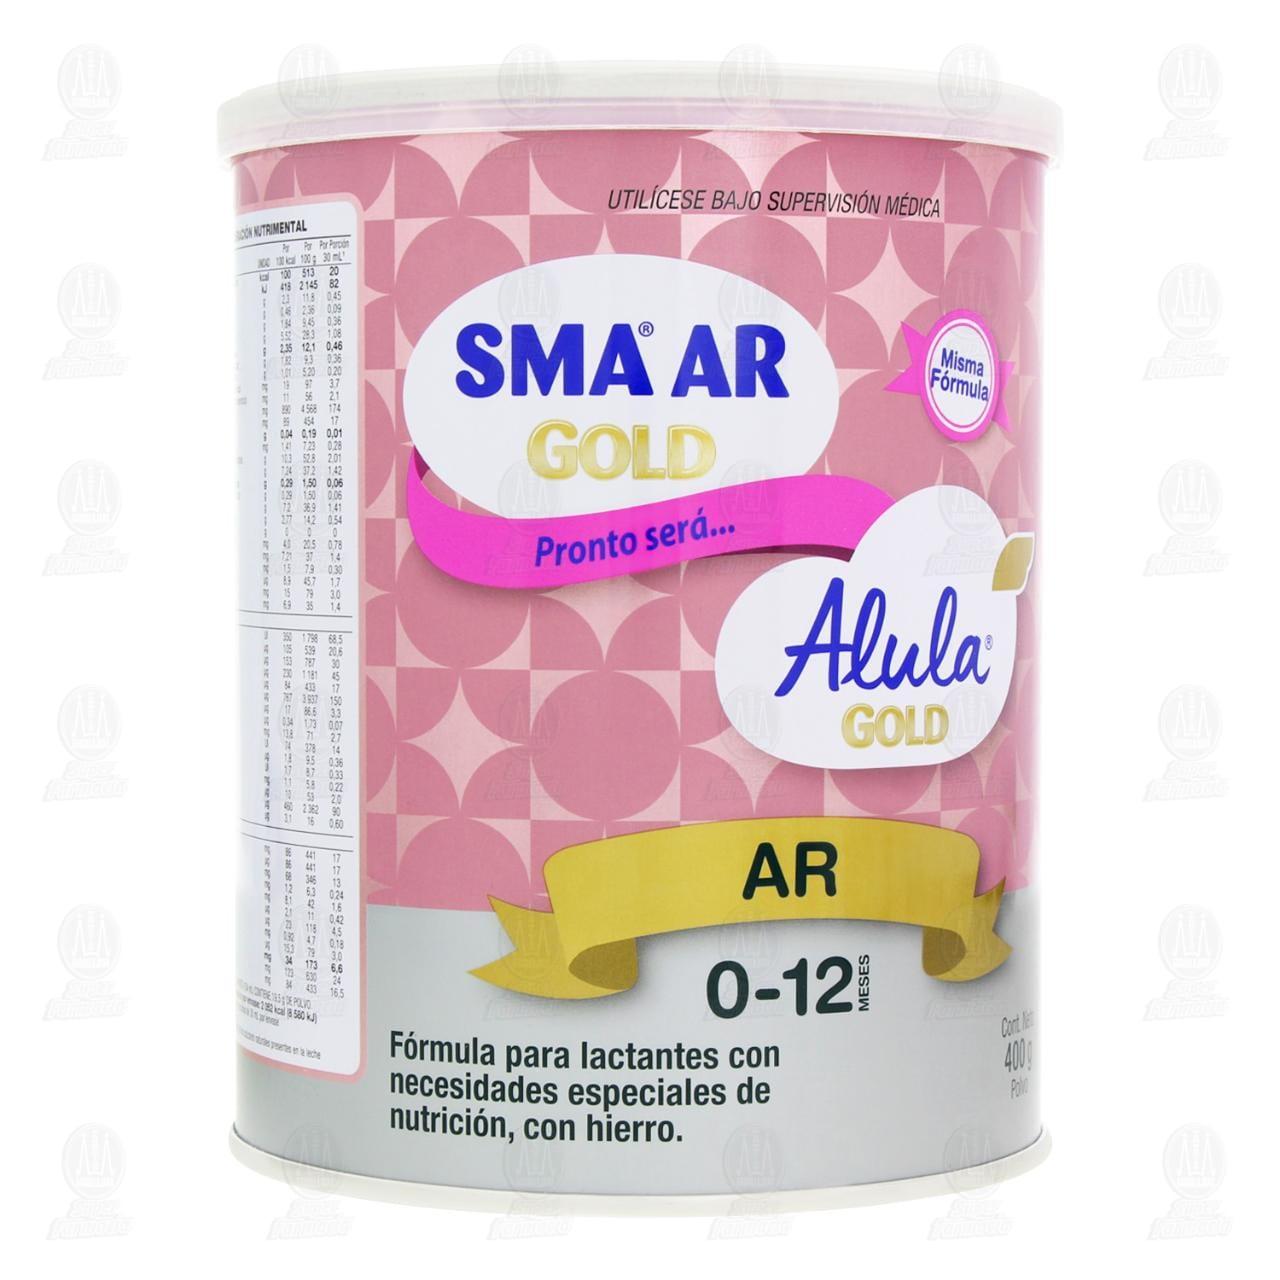 Comprar Fórmula Infantil SMA AR Gold en Polvo (Edad 0-12 Meses), 400 gr. en Farmacias Guadalajara